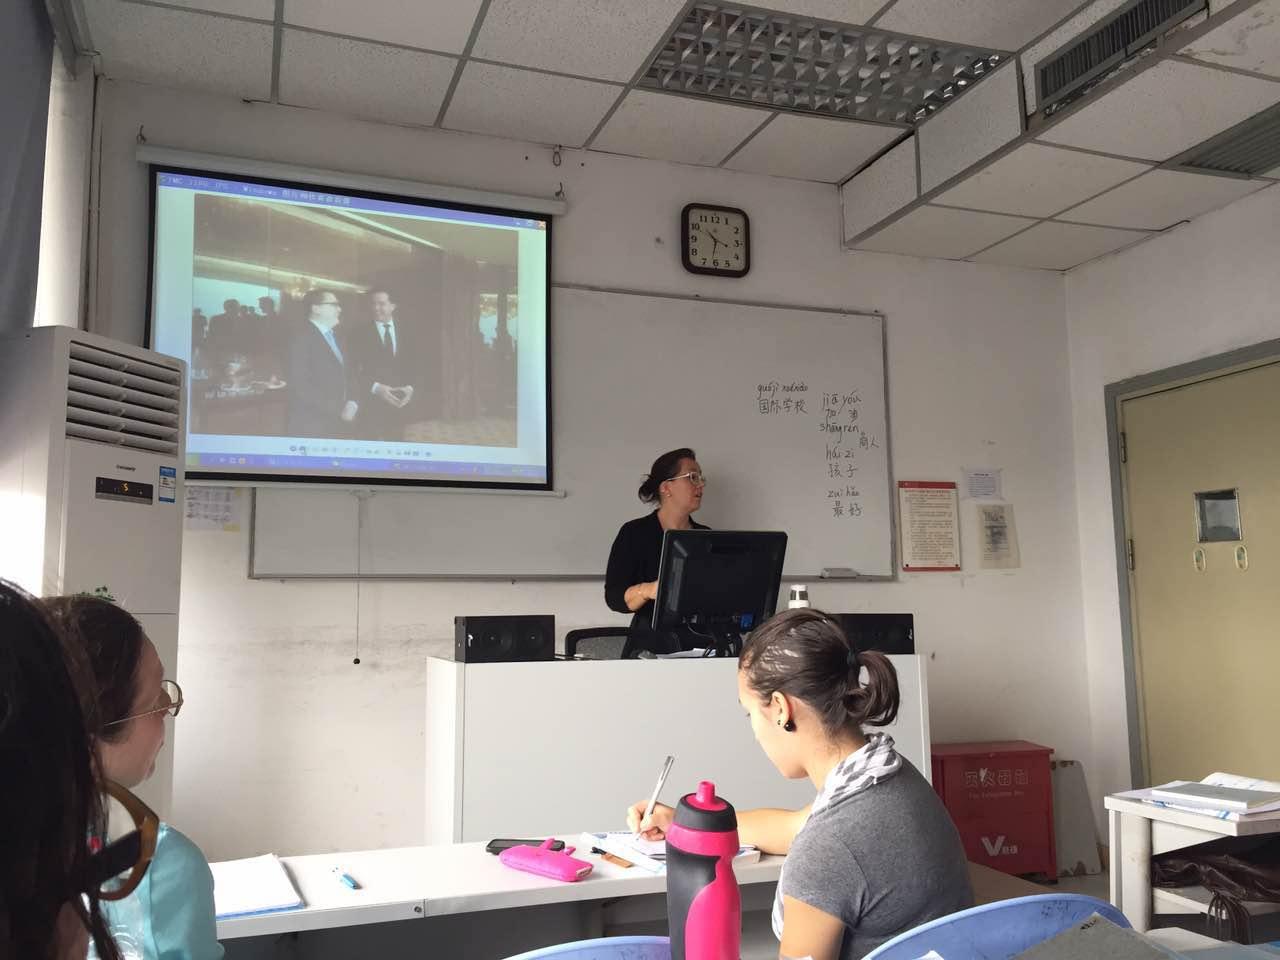 Chinese spreekbeurt aan Shenzhen University. Ik heb vier maanden intensieve taalles gehad.